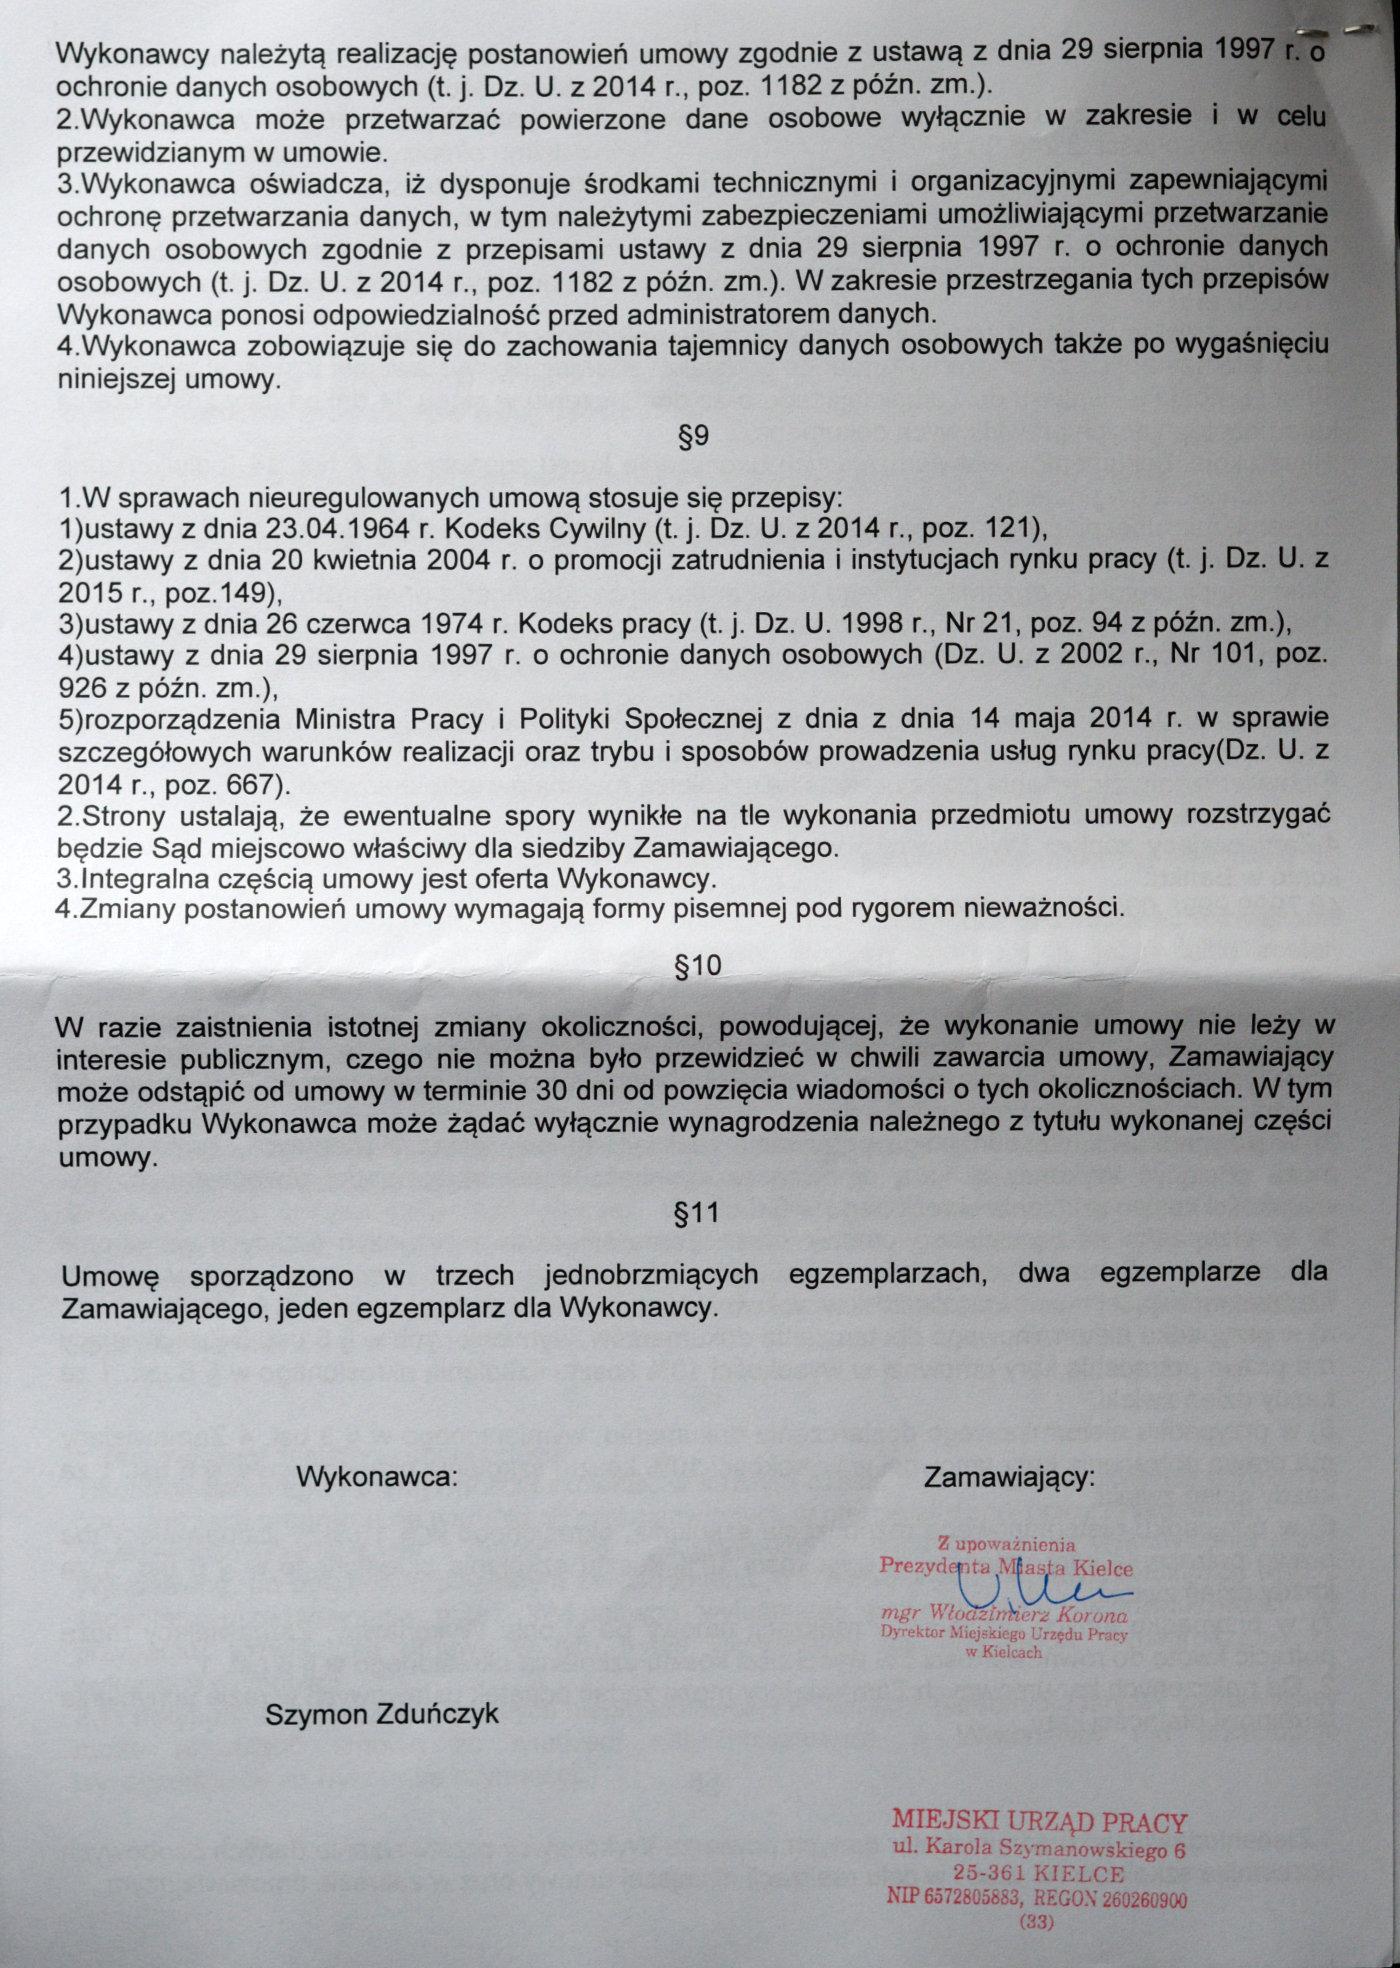 2017_04_14_przekret_urzad_pracy_w_kielcach_04_1900px